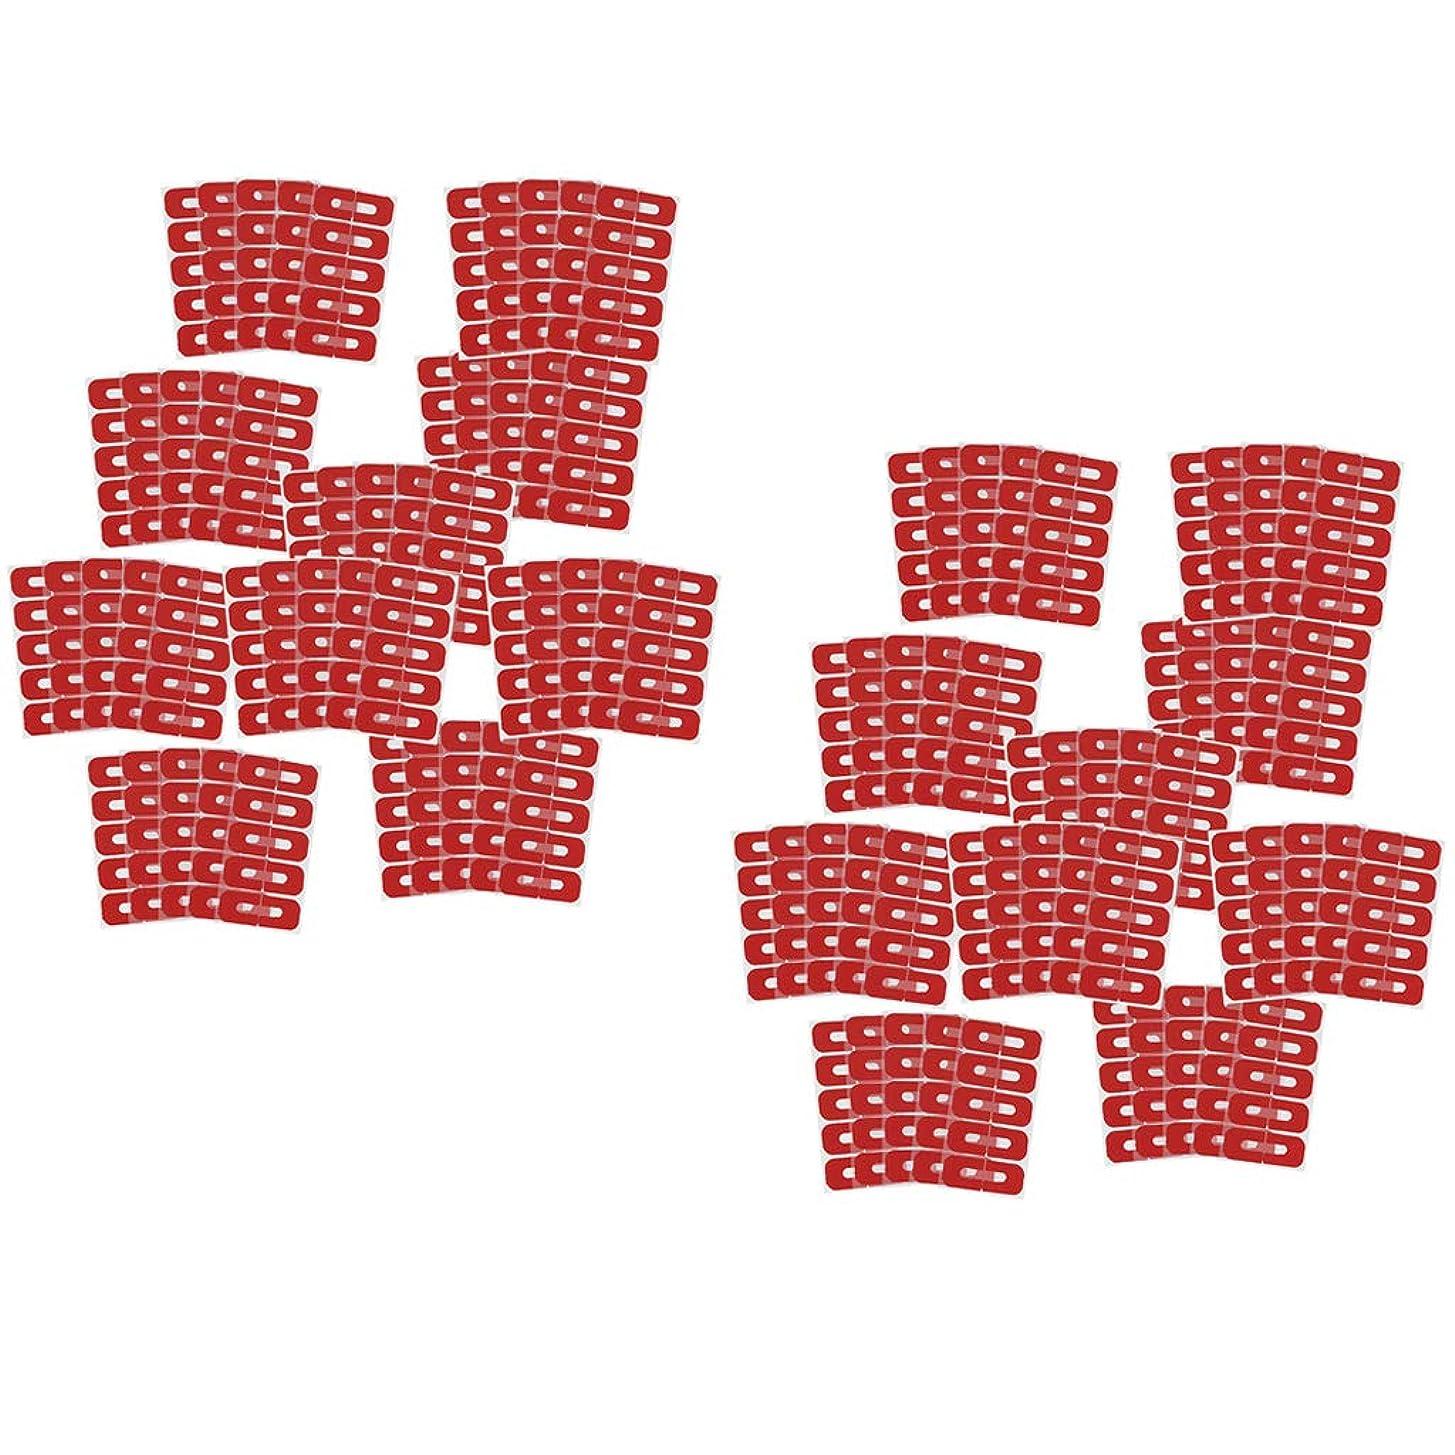 マダムピクニック知覚するネイルアート マニキュア ネイルカバー ステッカー ステッカー カバー こぼれ防止